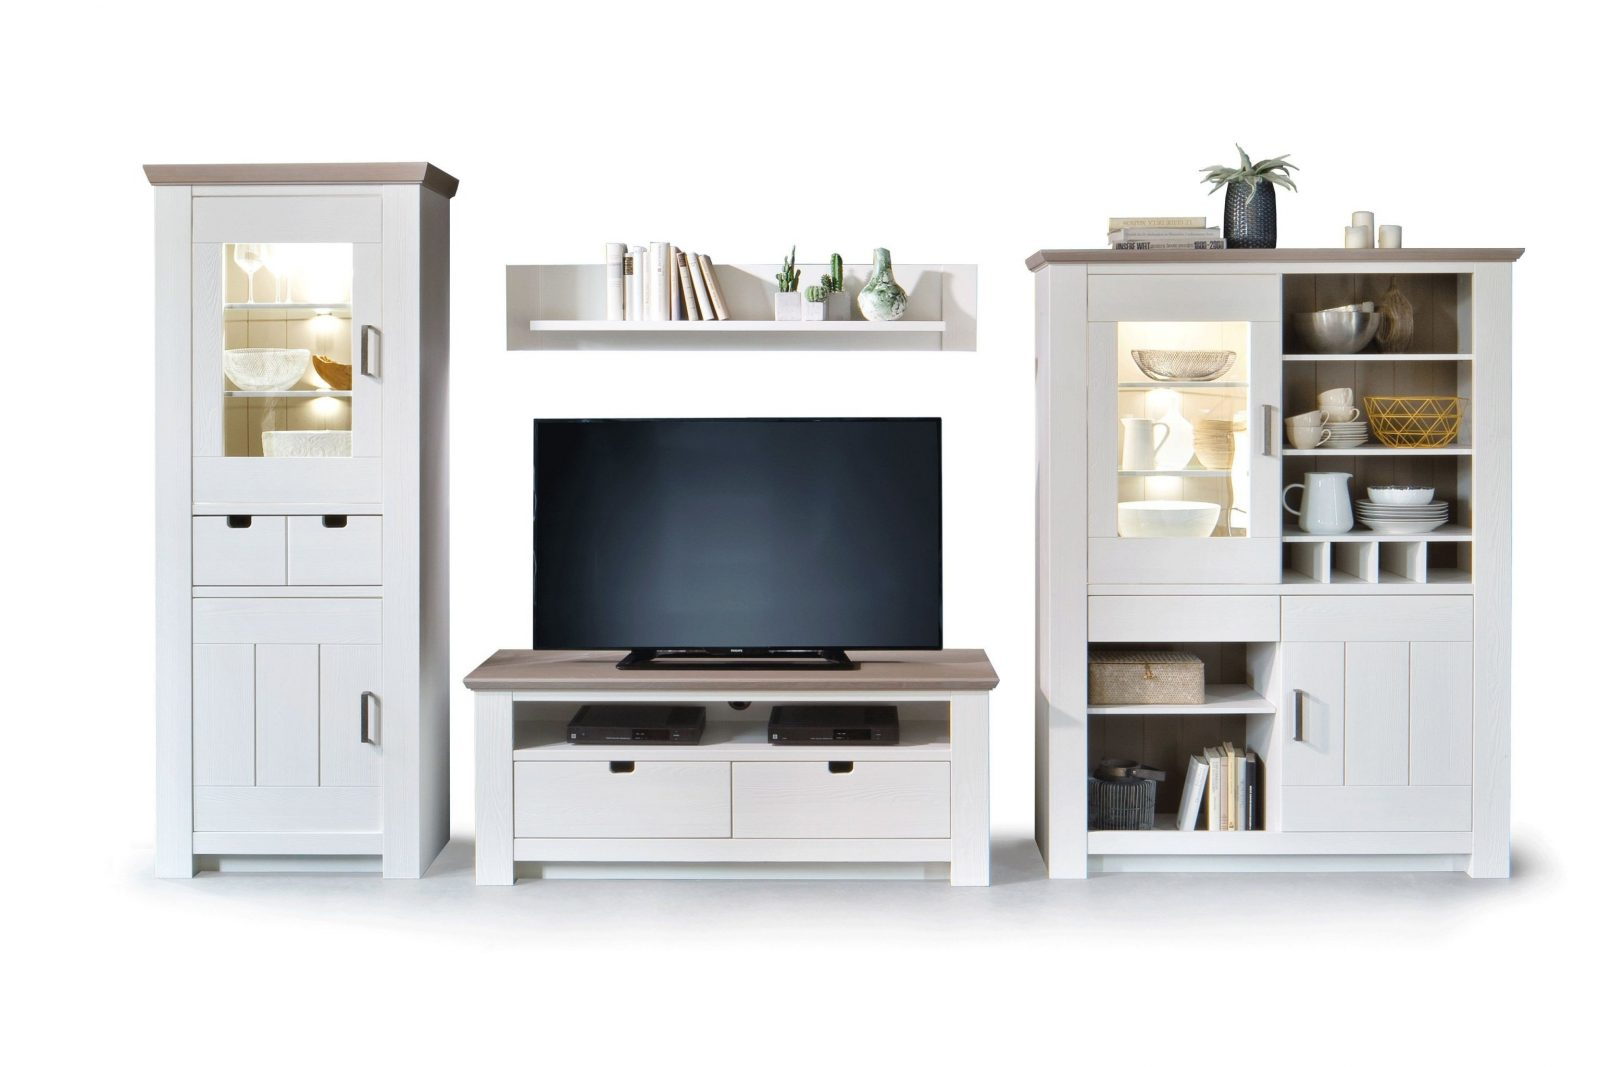 Mca Wohnwand La Palma Kiefer In Weiß  Möbel Letz  Ihr Onlineshop von Wohnwand Kiefer Massiv Natur Lackiert Bild